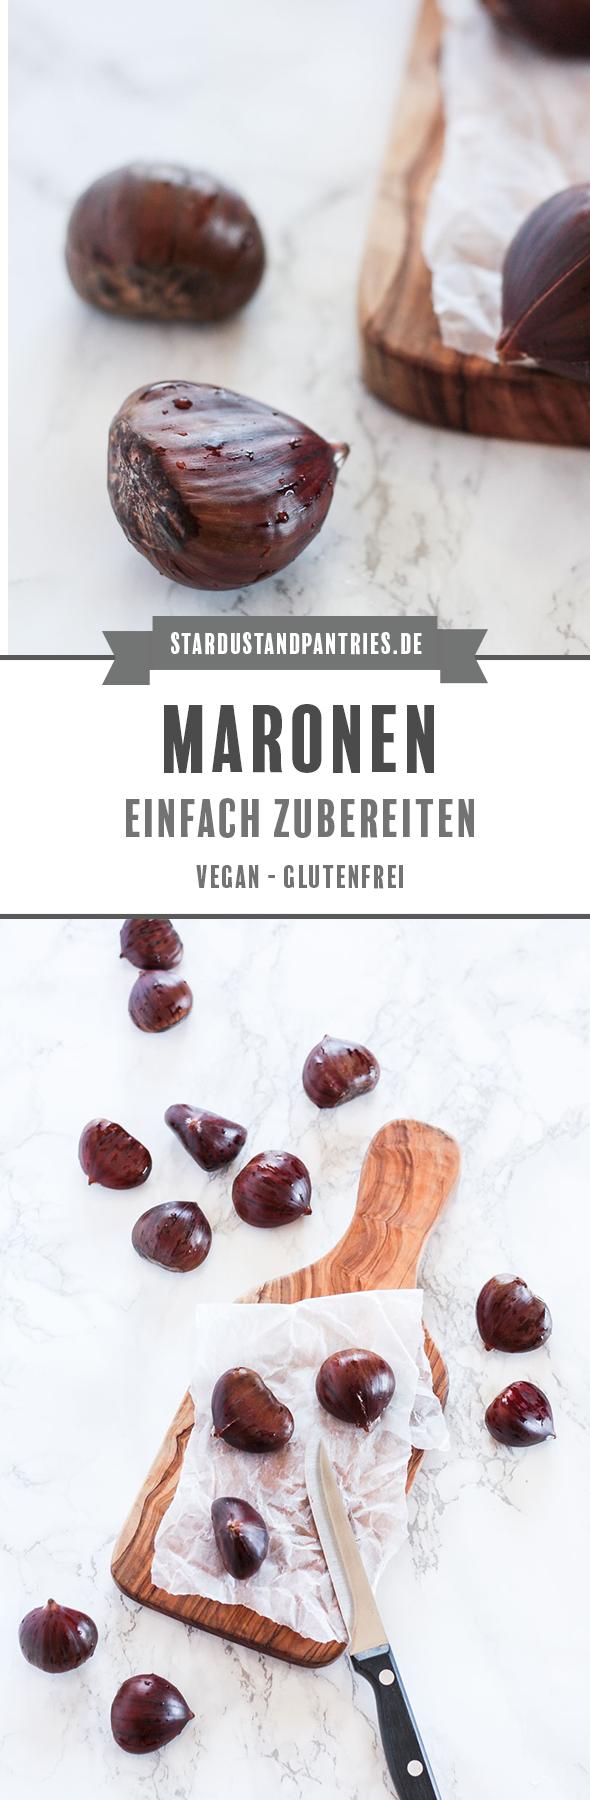 Maronen zubereiten geht ganz einfach. Maronen im Backofen rösten oder im Topf kochen - so geht's! #Maronen #Maronenzubereiten #Herbst